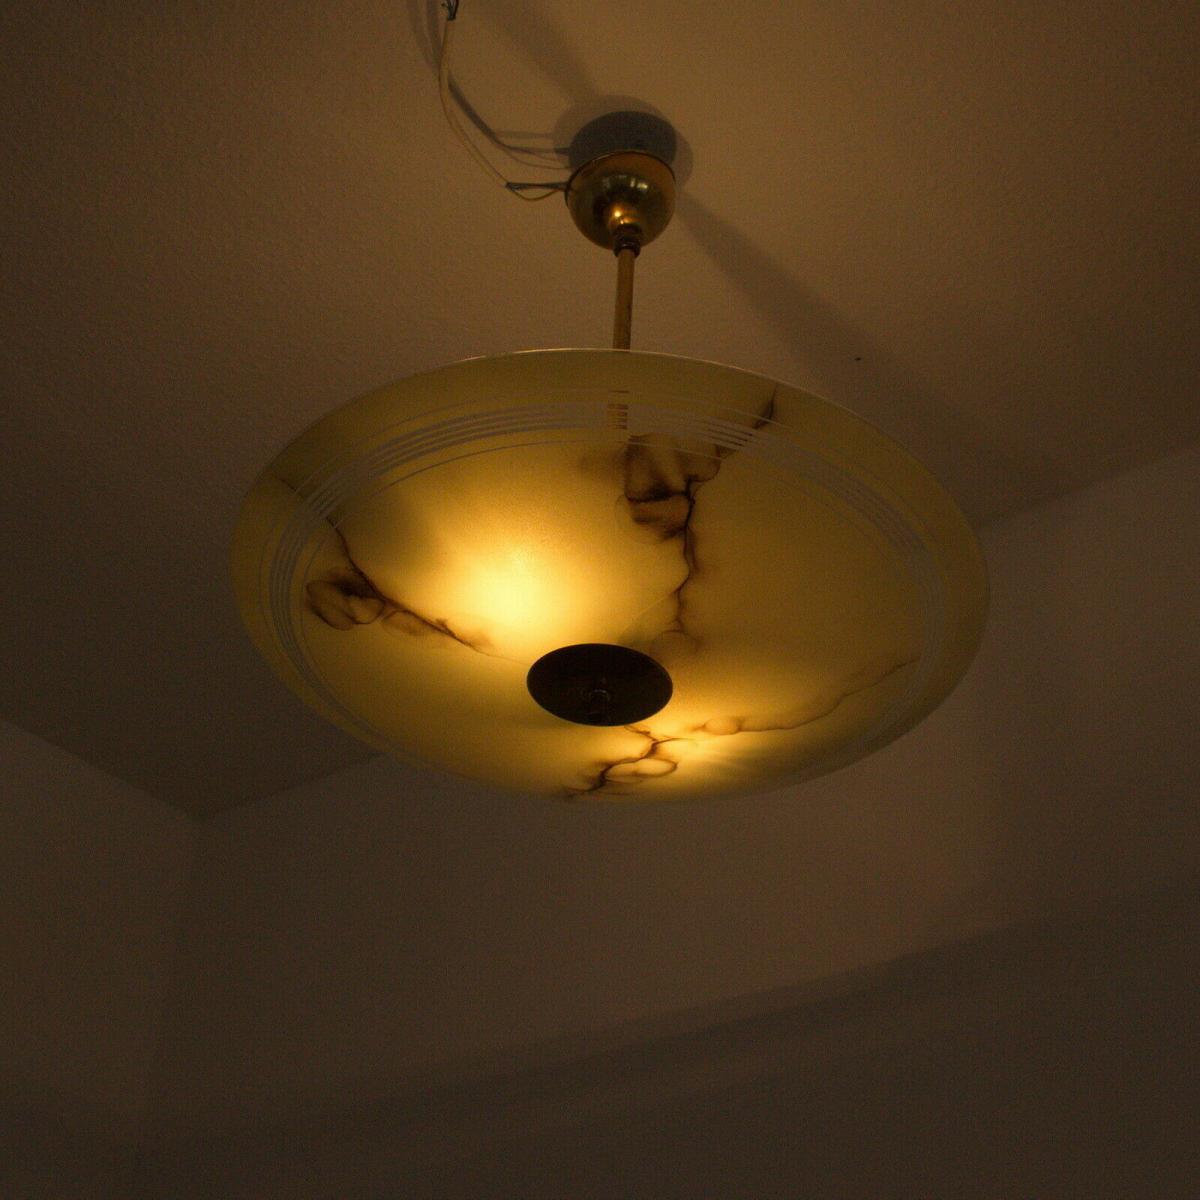 Full Size of Deckenlampen Schlafzimmer Deckenlampe Ikea Design Bauhaus Dimmbar Gold Amazon Poco Led Deckenleuchte Lampe Moderne Der Artikel Mit Id 35546921 Ist Aktuell Nicht Wohnzimmer Deckenlampen Schlafzimmer